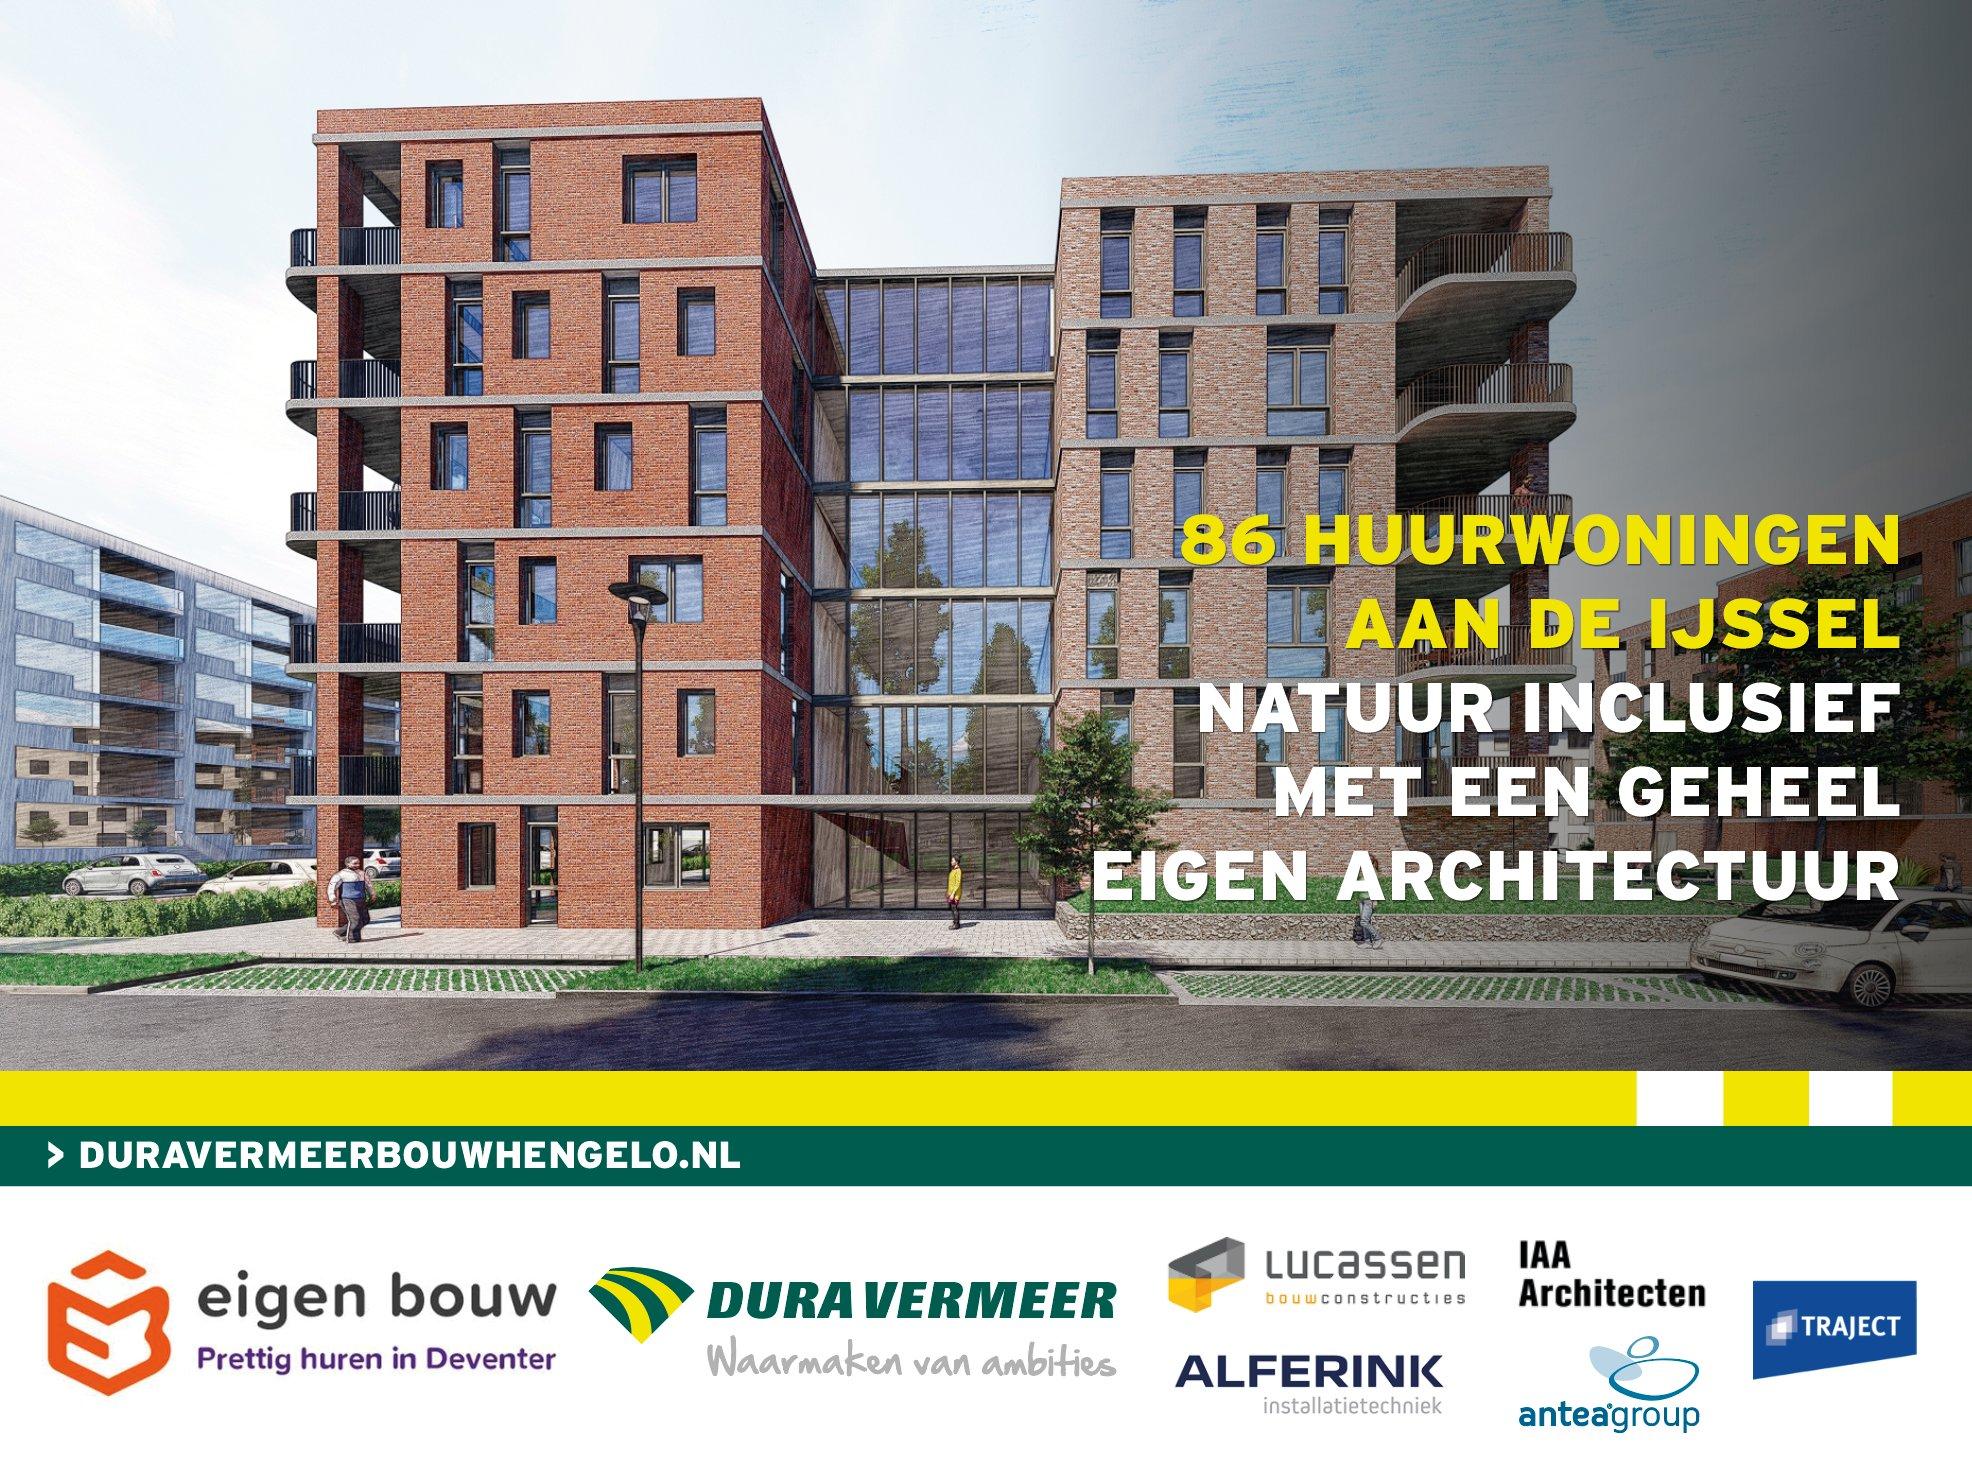 Het contract voor de bouw van 86 appartementen aan de Rubensstraat in Deventer is getekend. #TrotsGevoel @DuraVermeer #StichtingEigenbouw @AnteaGroupNL @IAAarchitecten #LucassenBC #AlferinkGroenlo #TrajectEngineering https://t.co/rxblmcRlSx